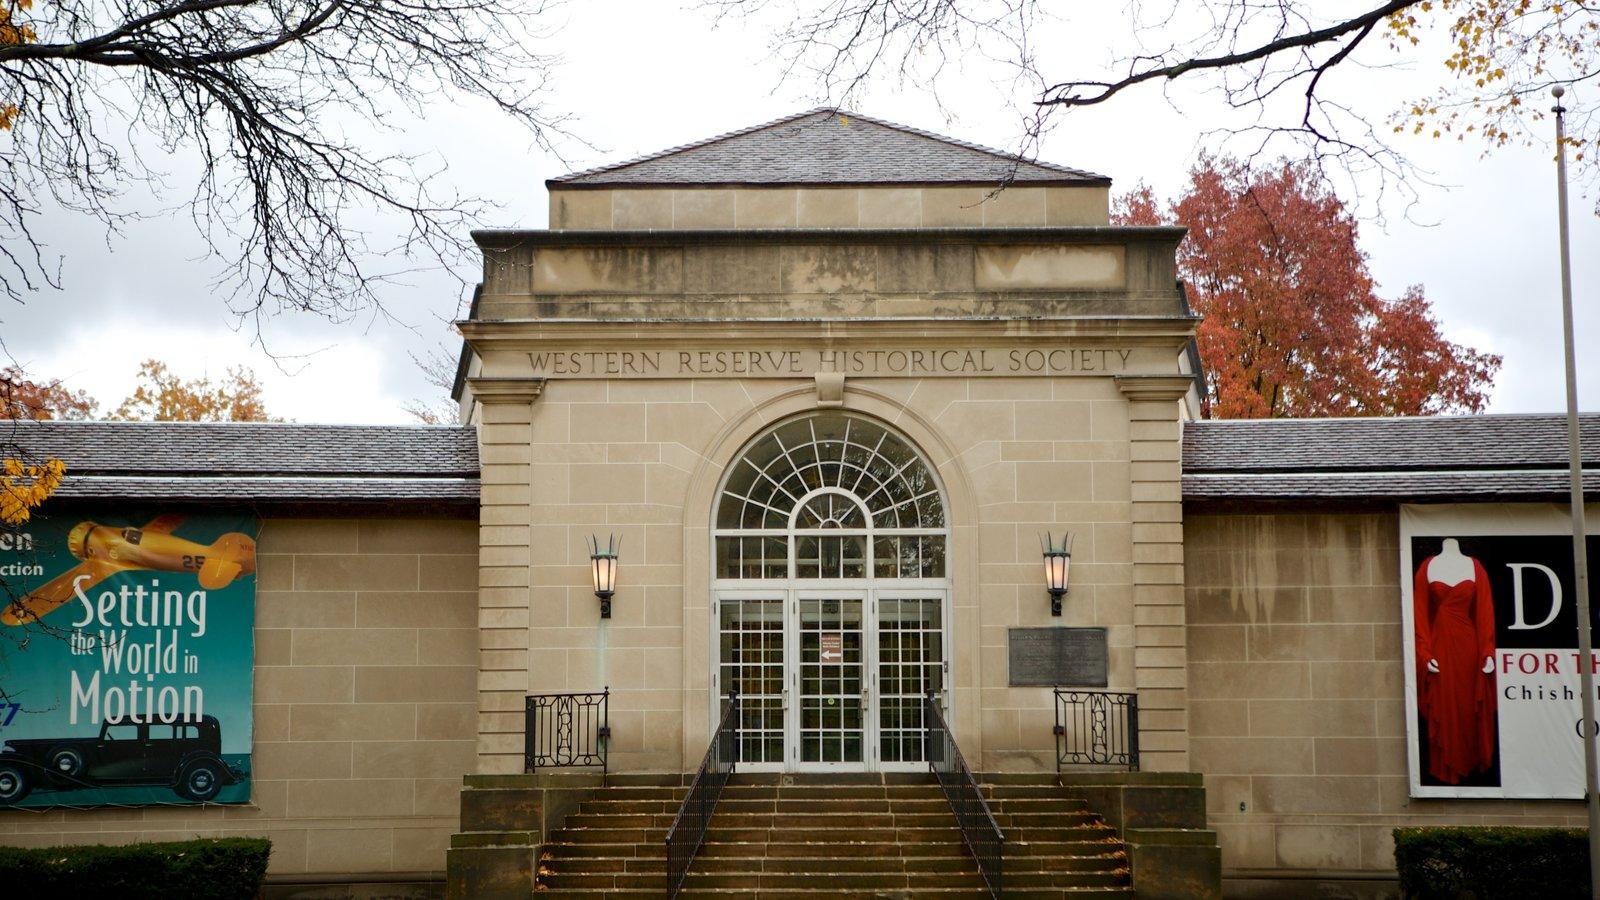 Western Reserve Historical Society que inclui uma cidade e arquitetura de patrimônio